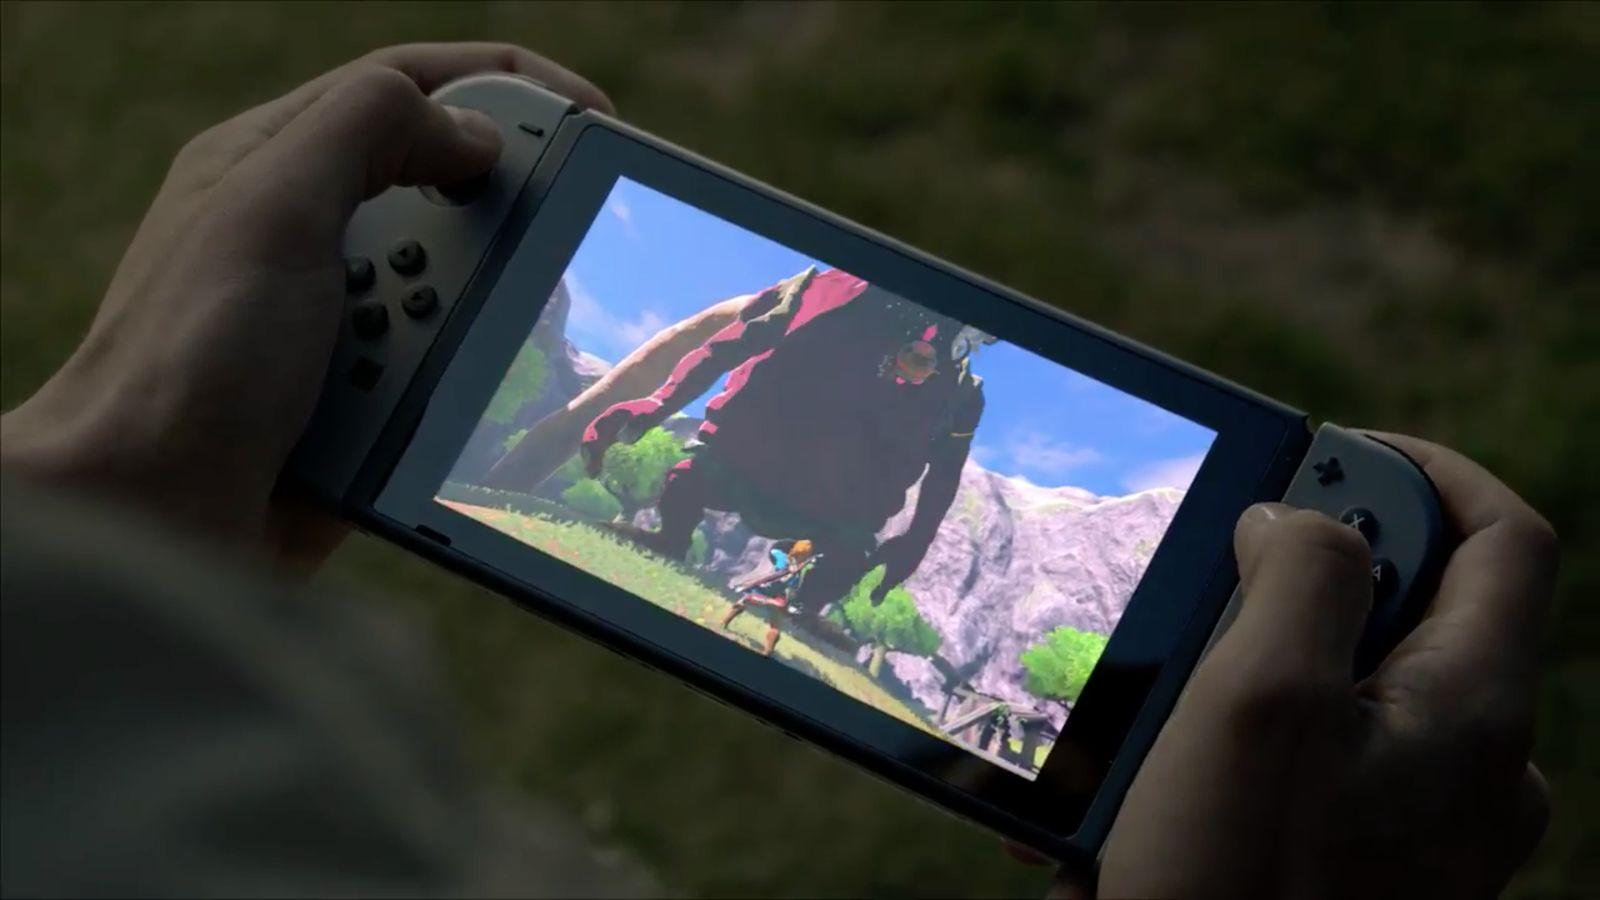 La nintendo switch est moins puissante que la playstation - Quel est la meilleur console ps4 ou xbox one ...